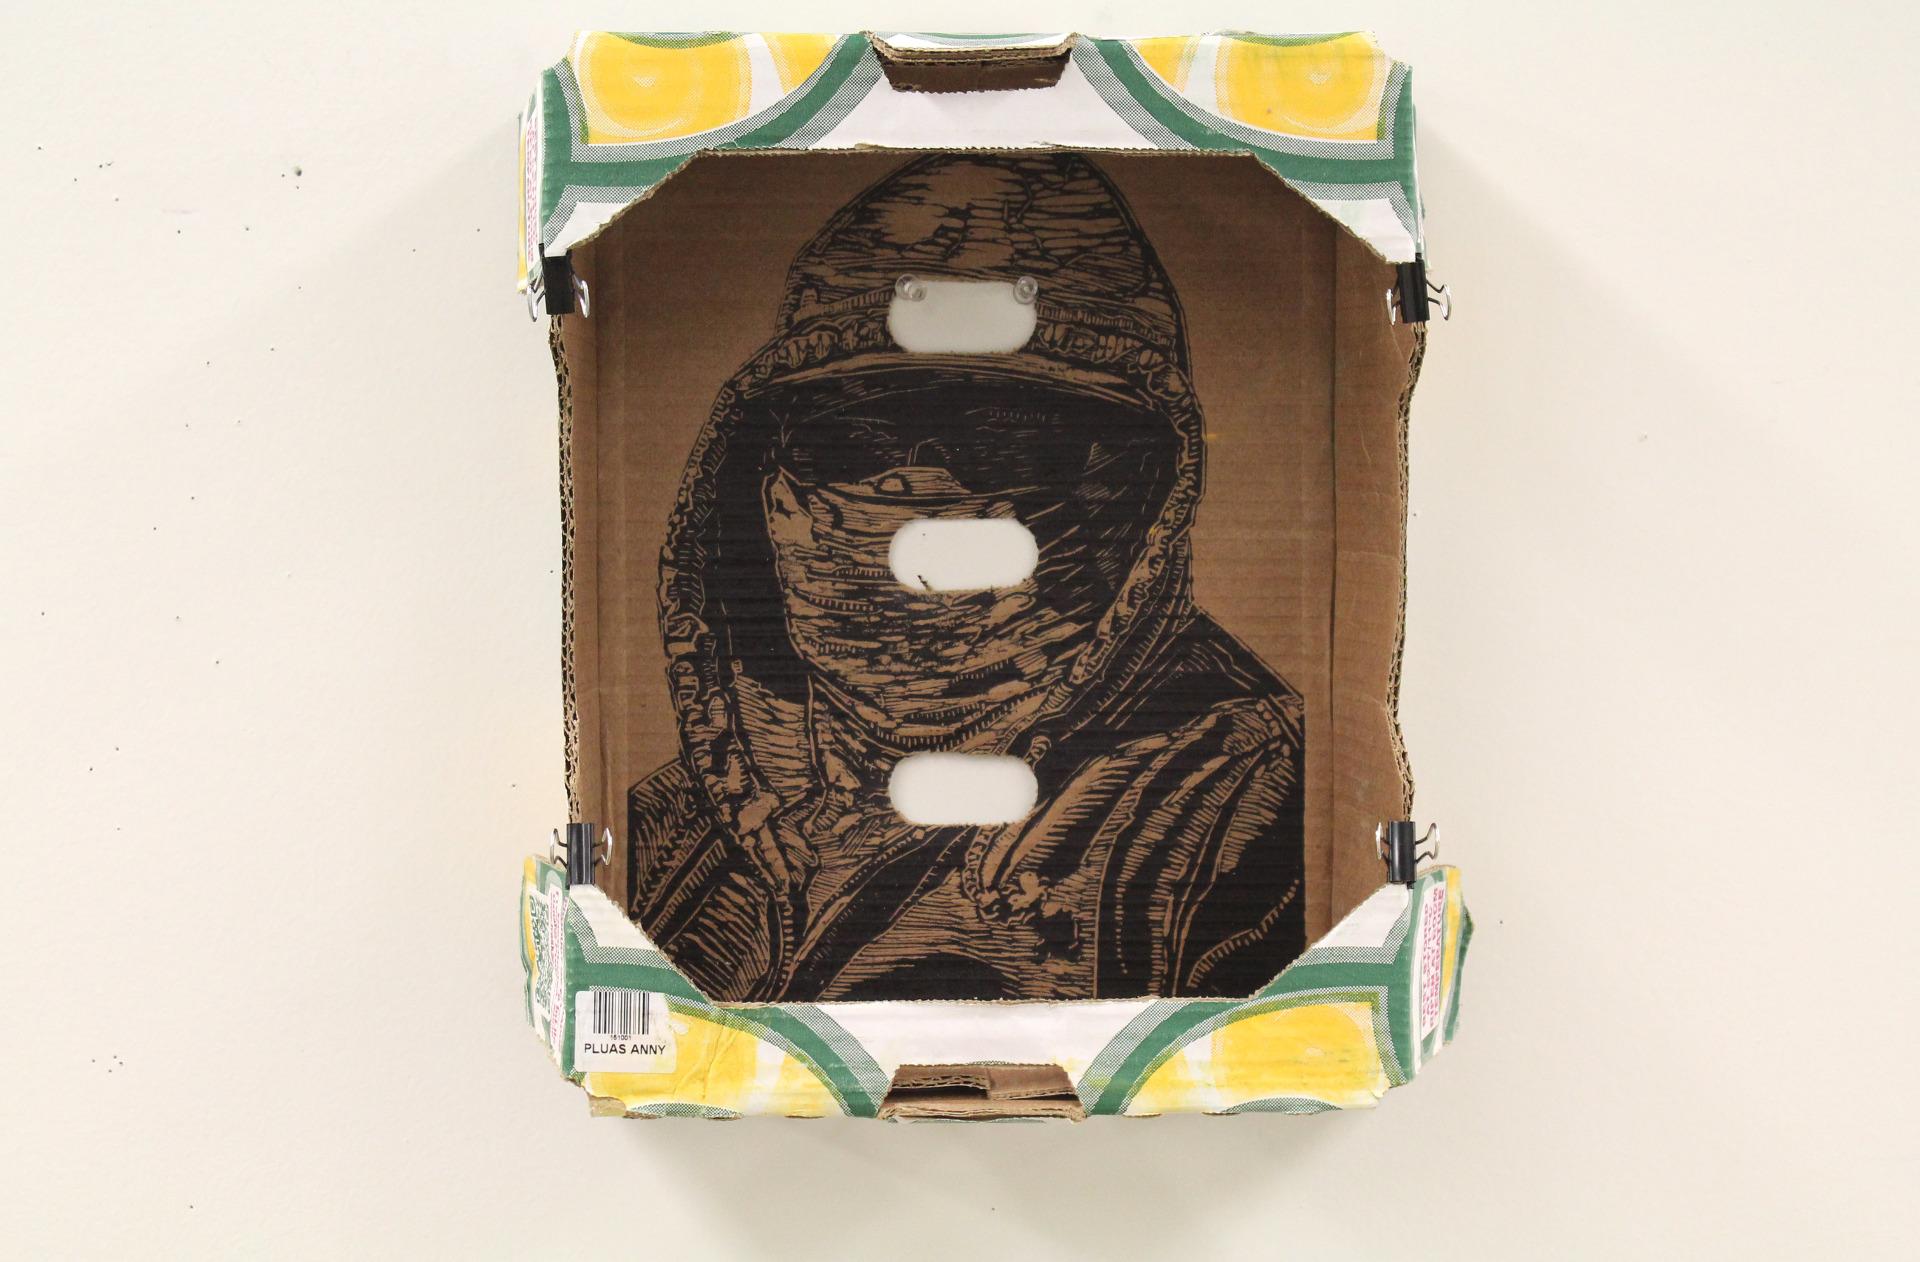 Boxed III, 2016